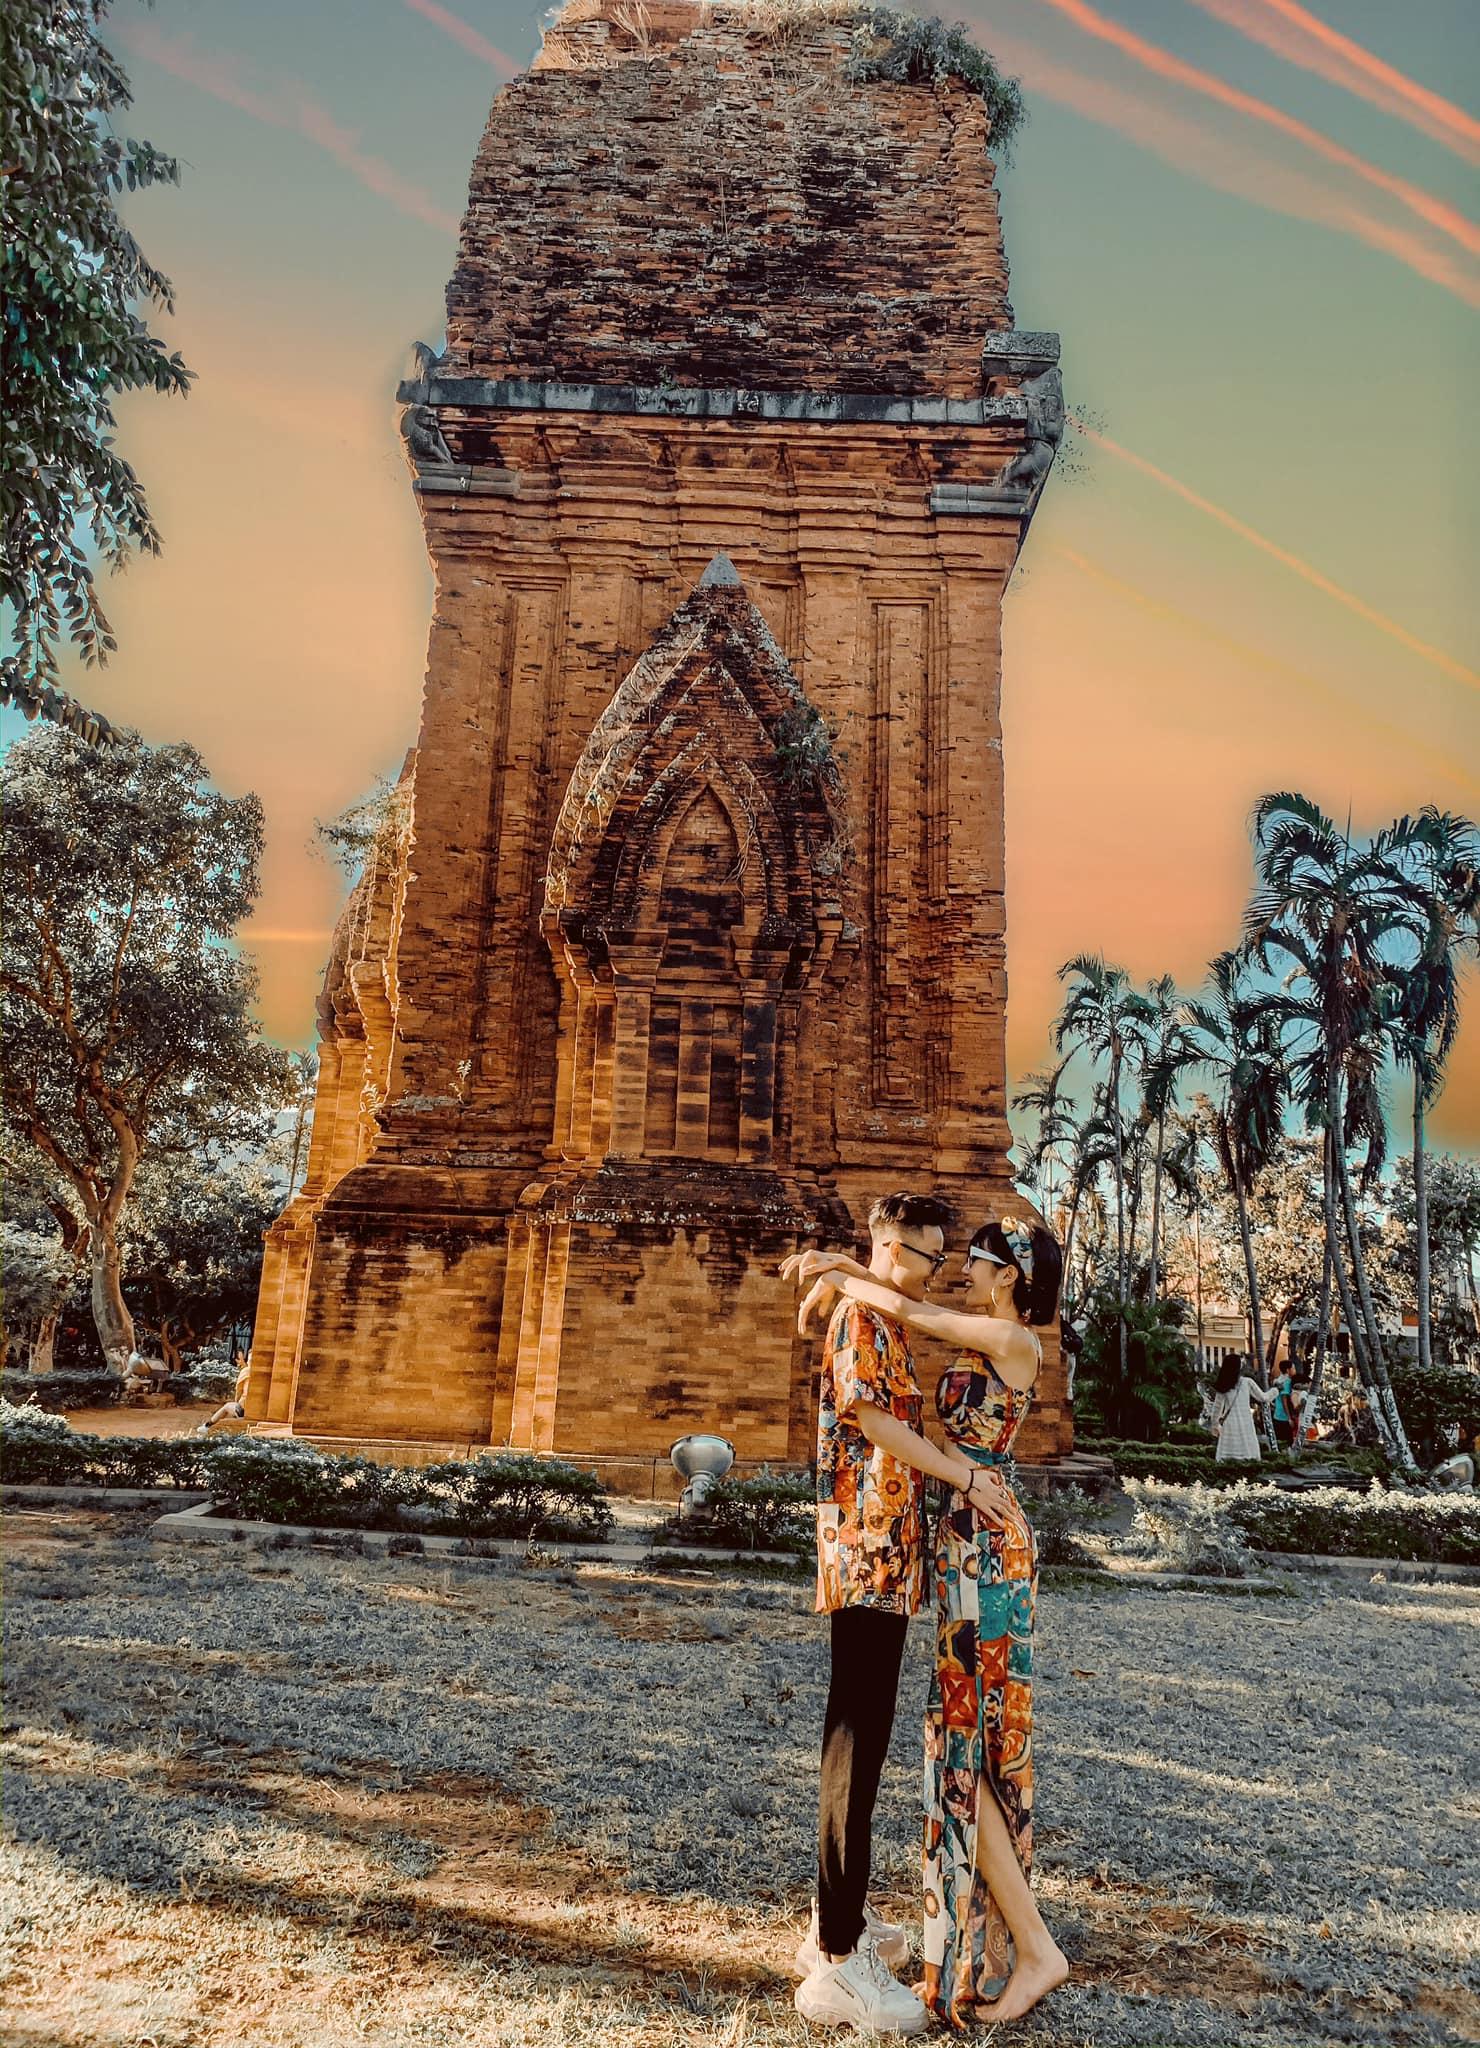 Tour du lịch Quy Nhơn từ Hà Nội: Du ngoạn 'Maldives của Việt Nam' với giá chỉ từ 650.000 đồng - Ảnh 13.